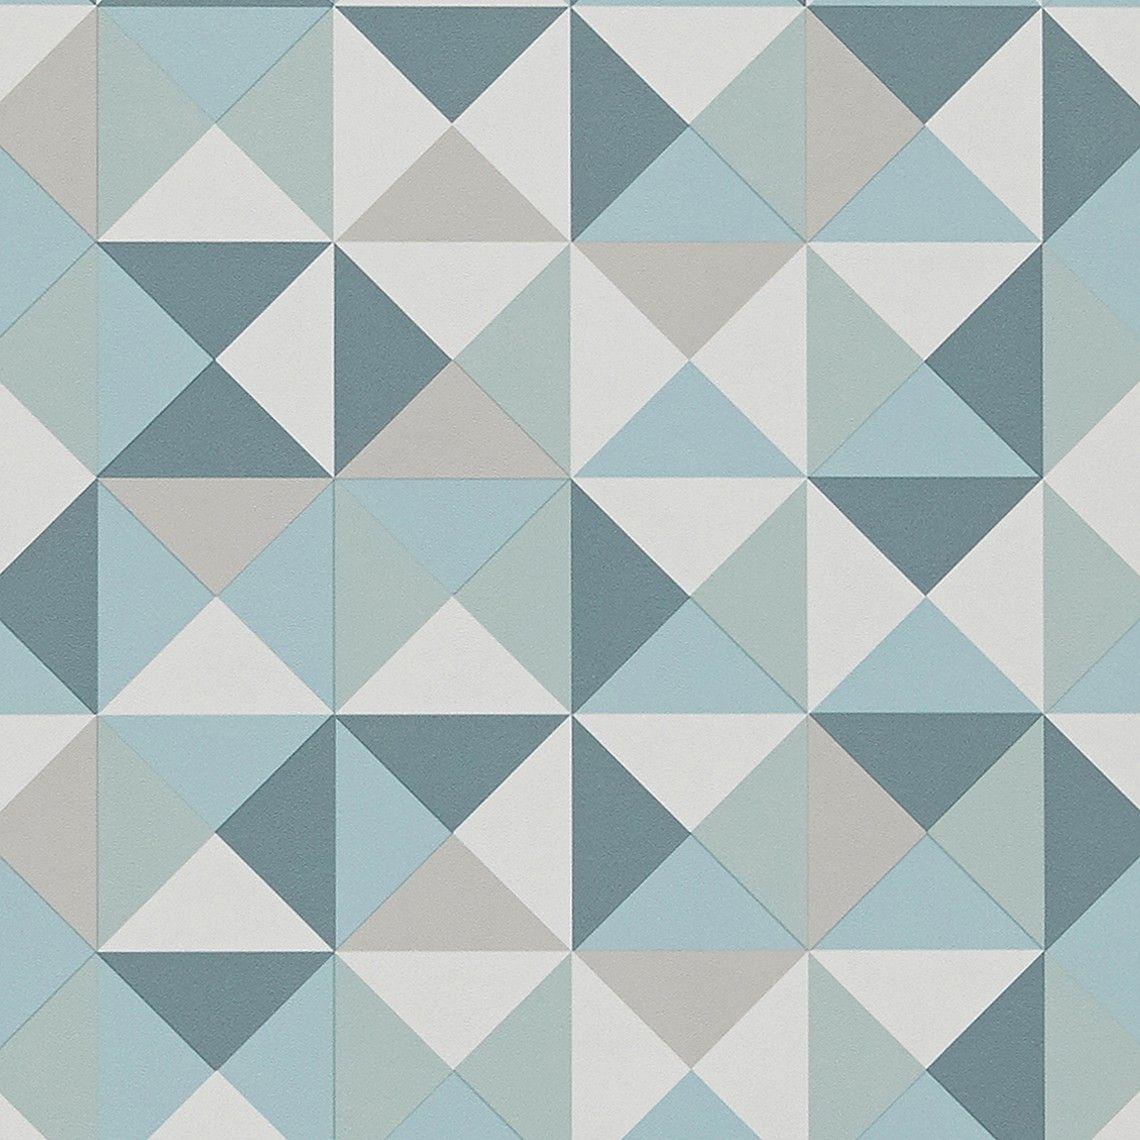 Papier peint ACAPULCO, vinyle sur intissé motif géométrique, vert deau